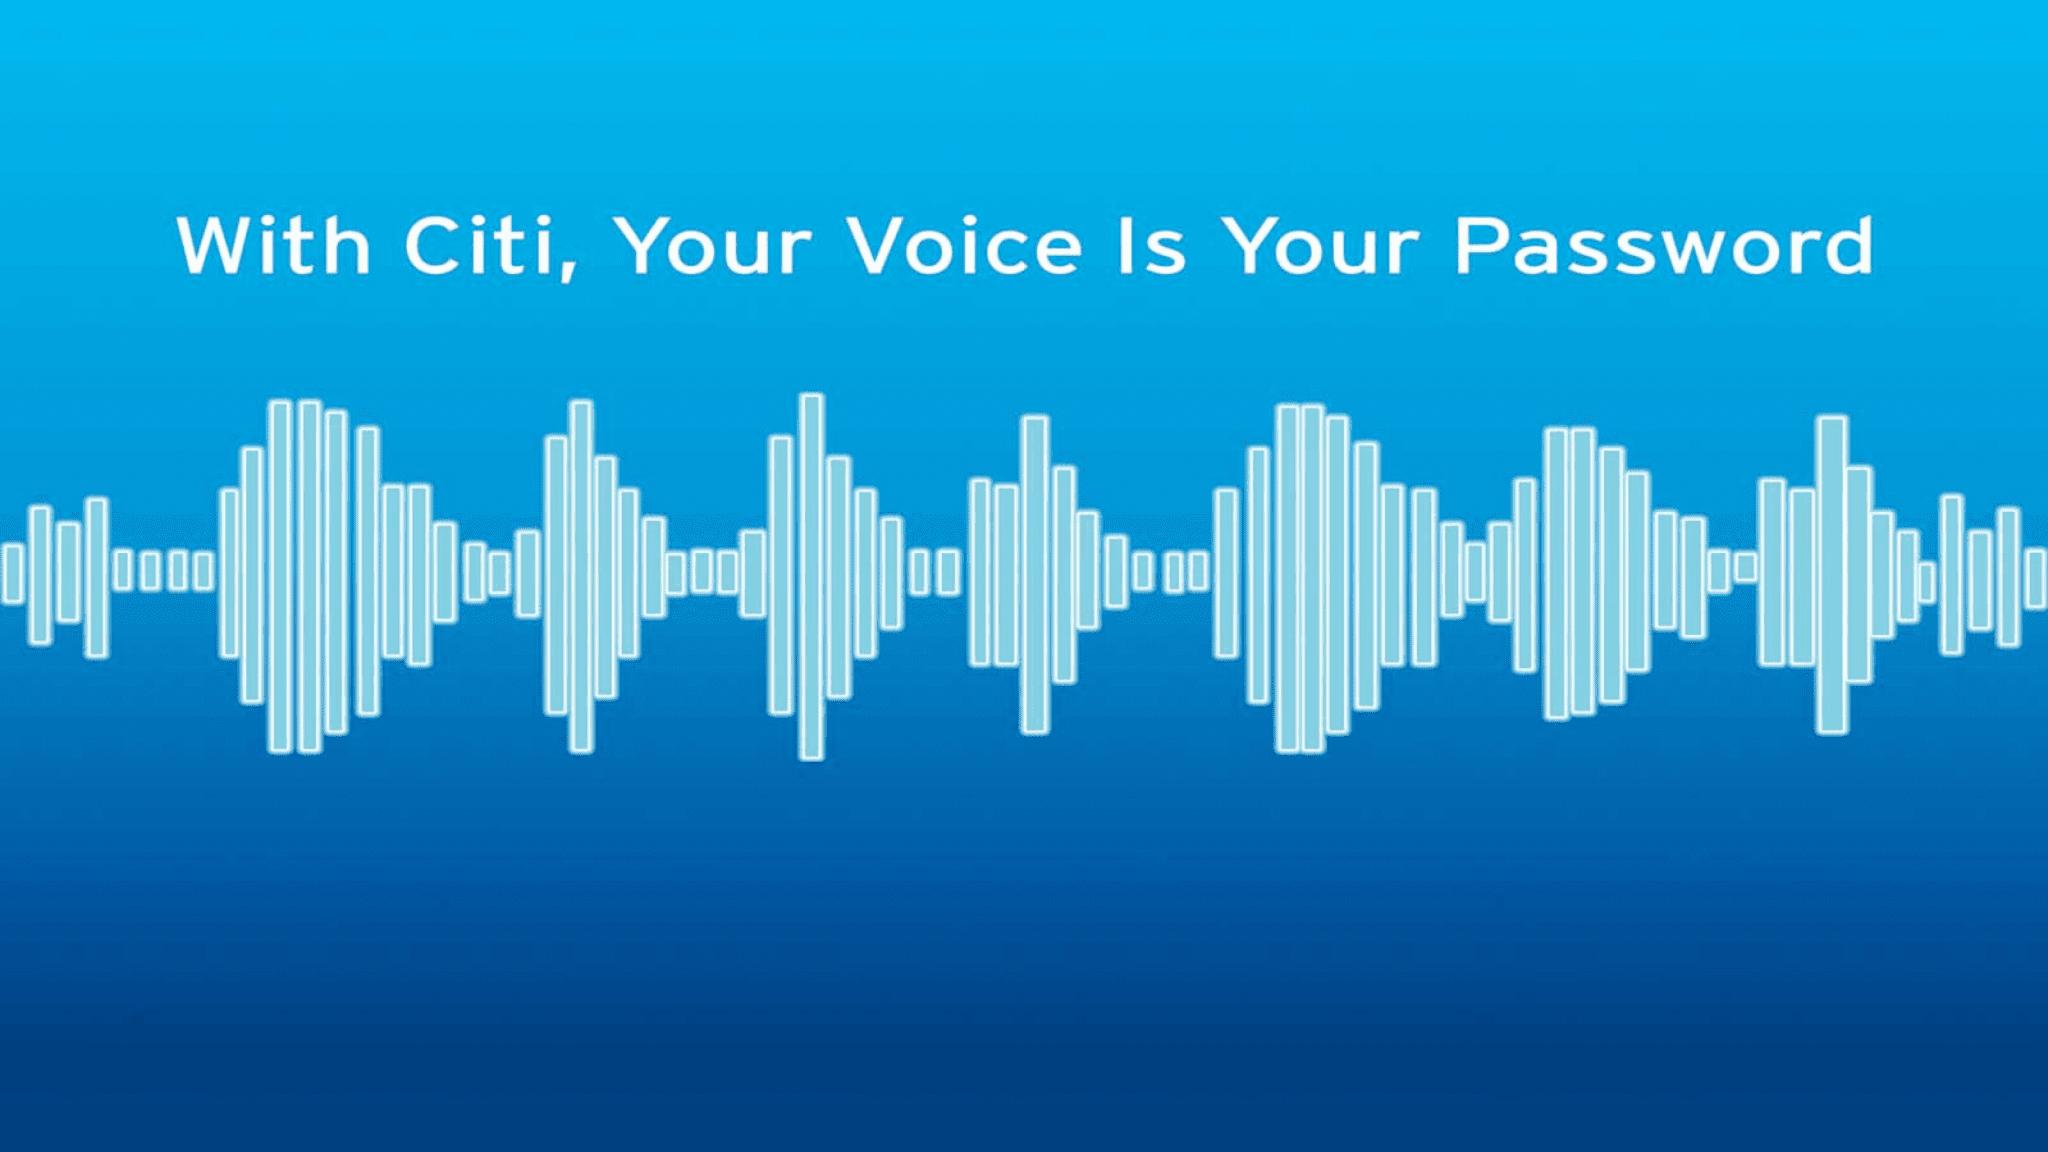 Citi launches voice biometrics security